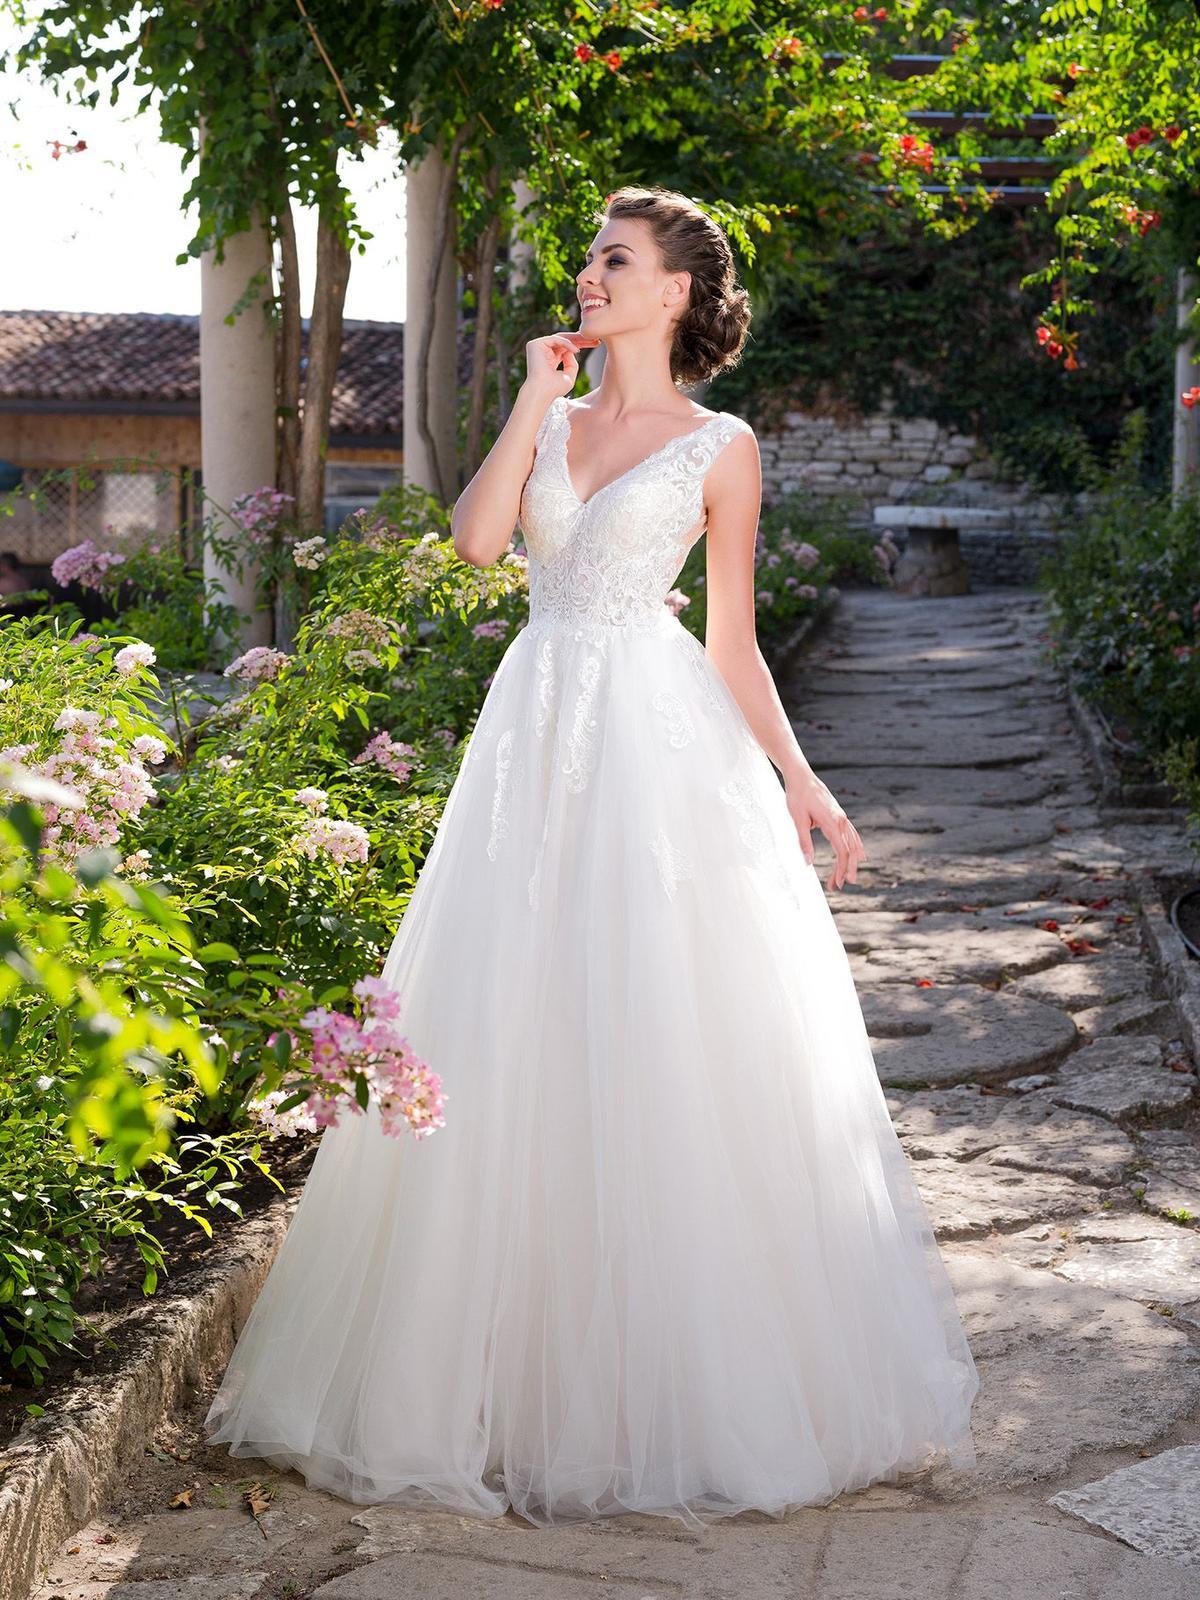 ee0dc5a08374 Graciózne svadobné šaty na predaj